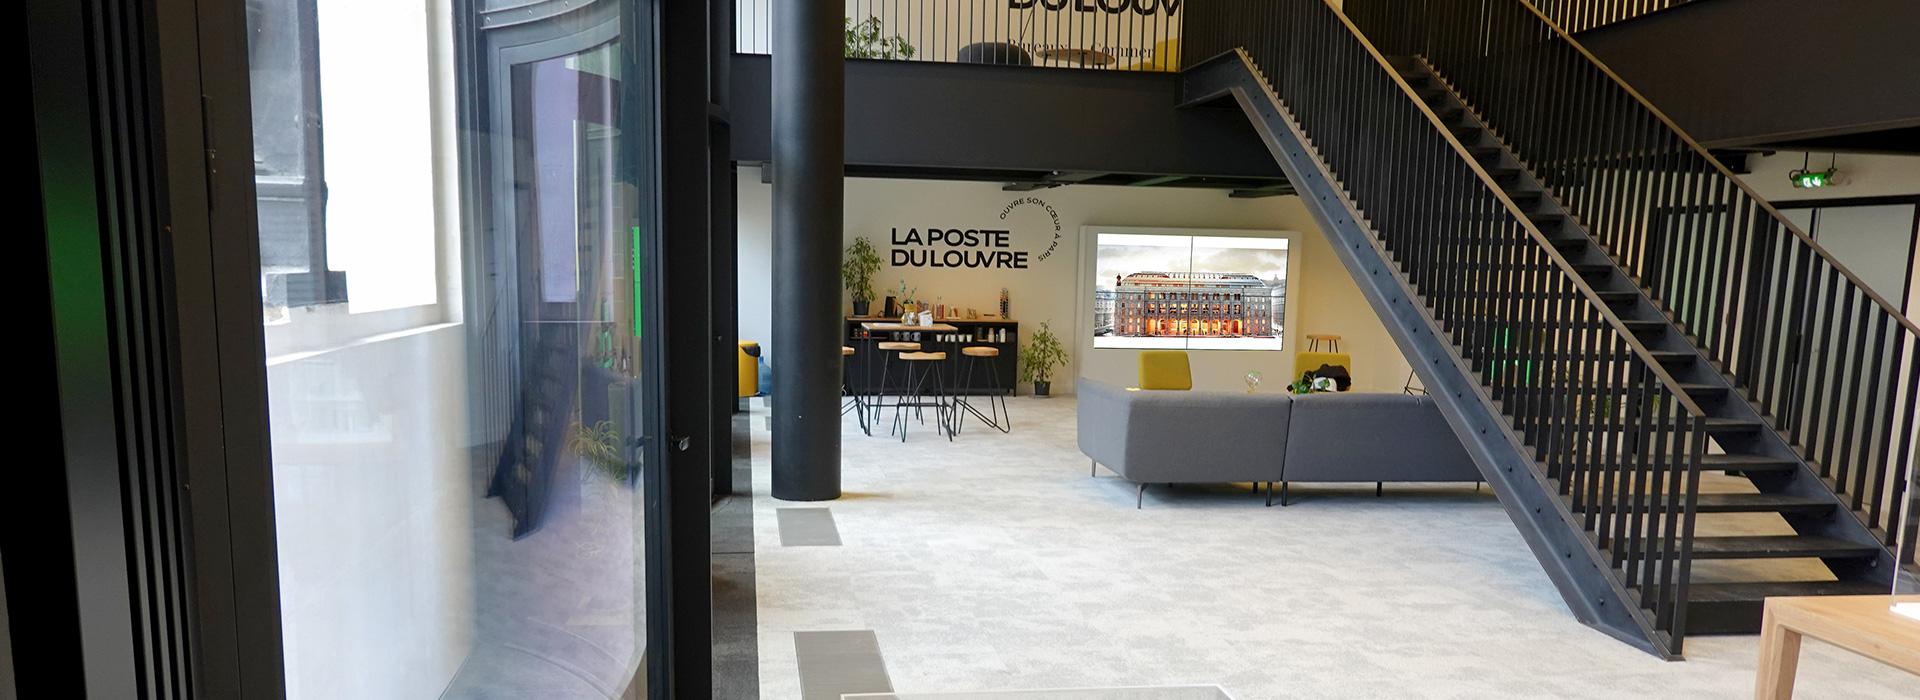 La_poste_du_louvre - carroussel_laposte_louvre2.jpg